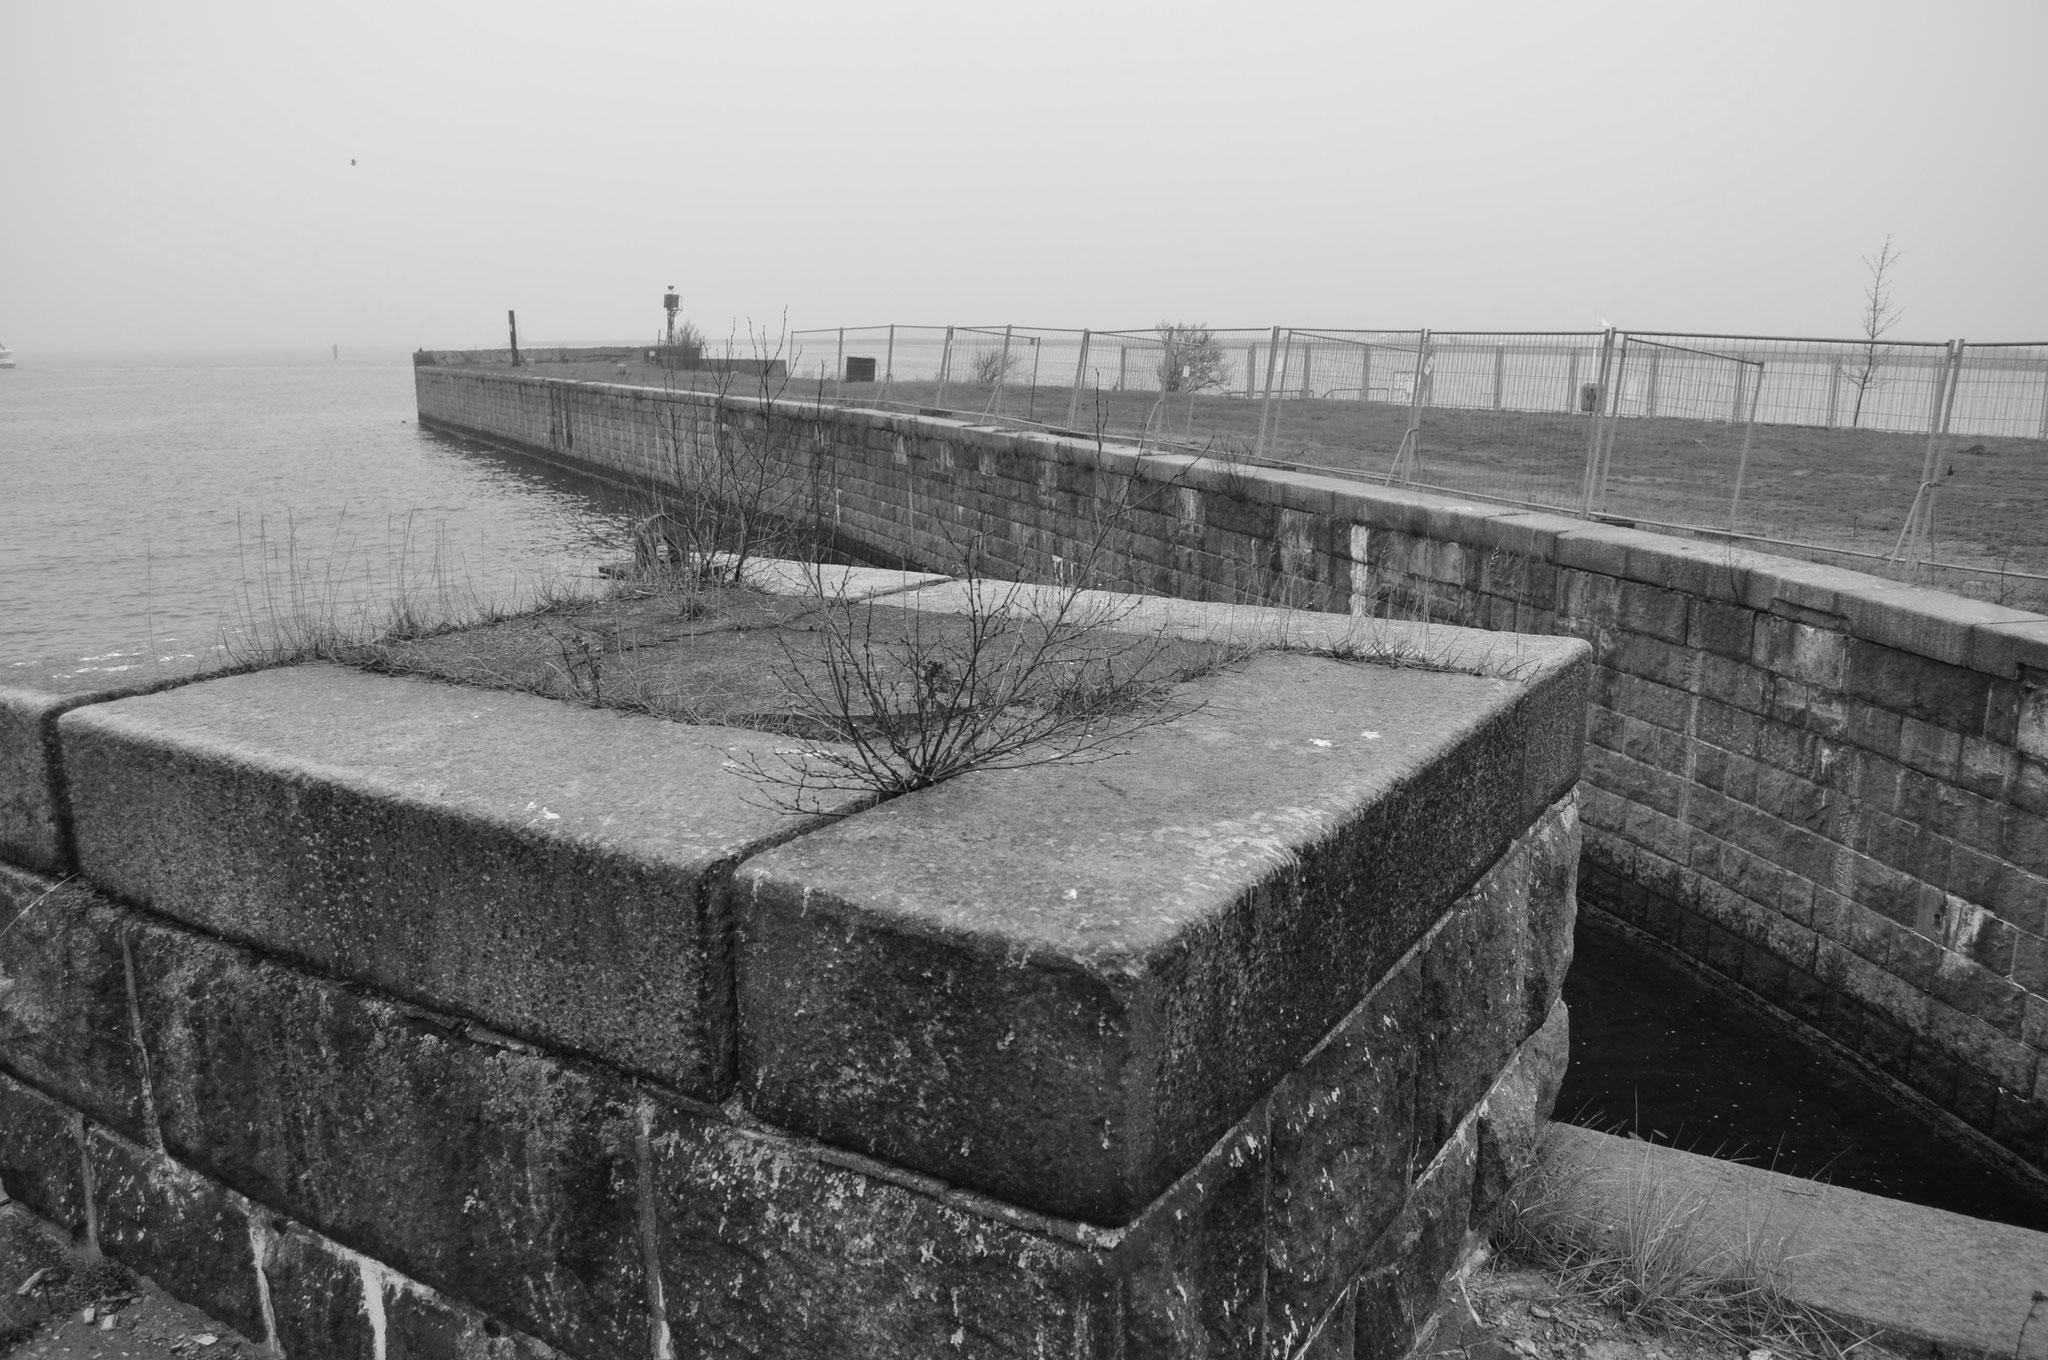 Der alte Fährhafen in Warnemünde. (Wurde 2014 zugeschüttet).